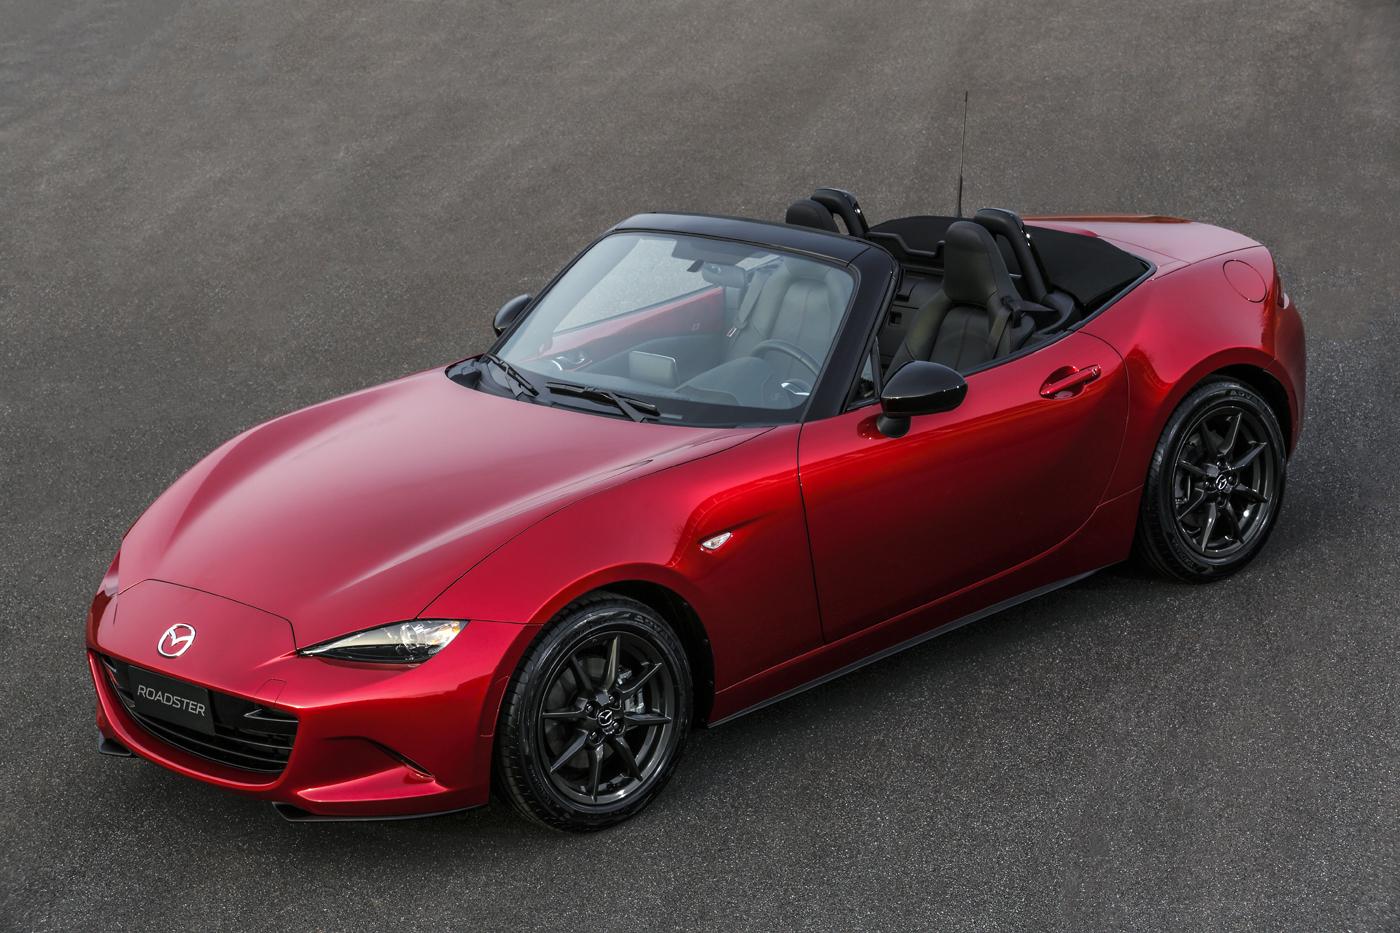 買うなら今買え!! 「いつかは」と言ってないで今すぐ買うべき車 5選